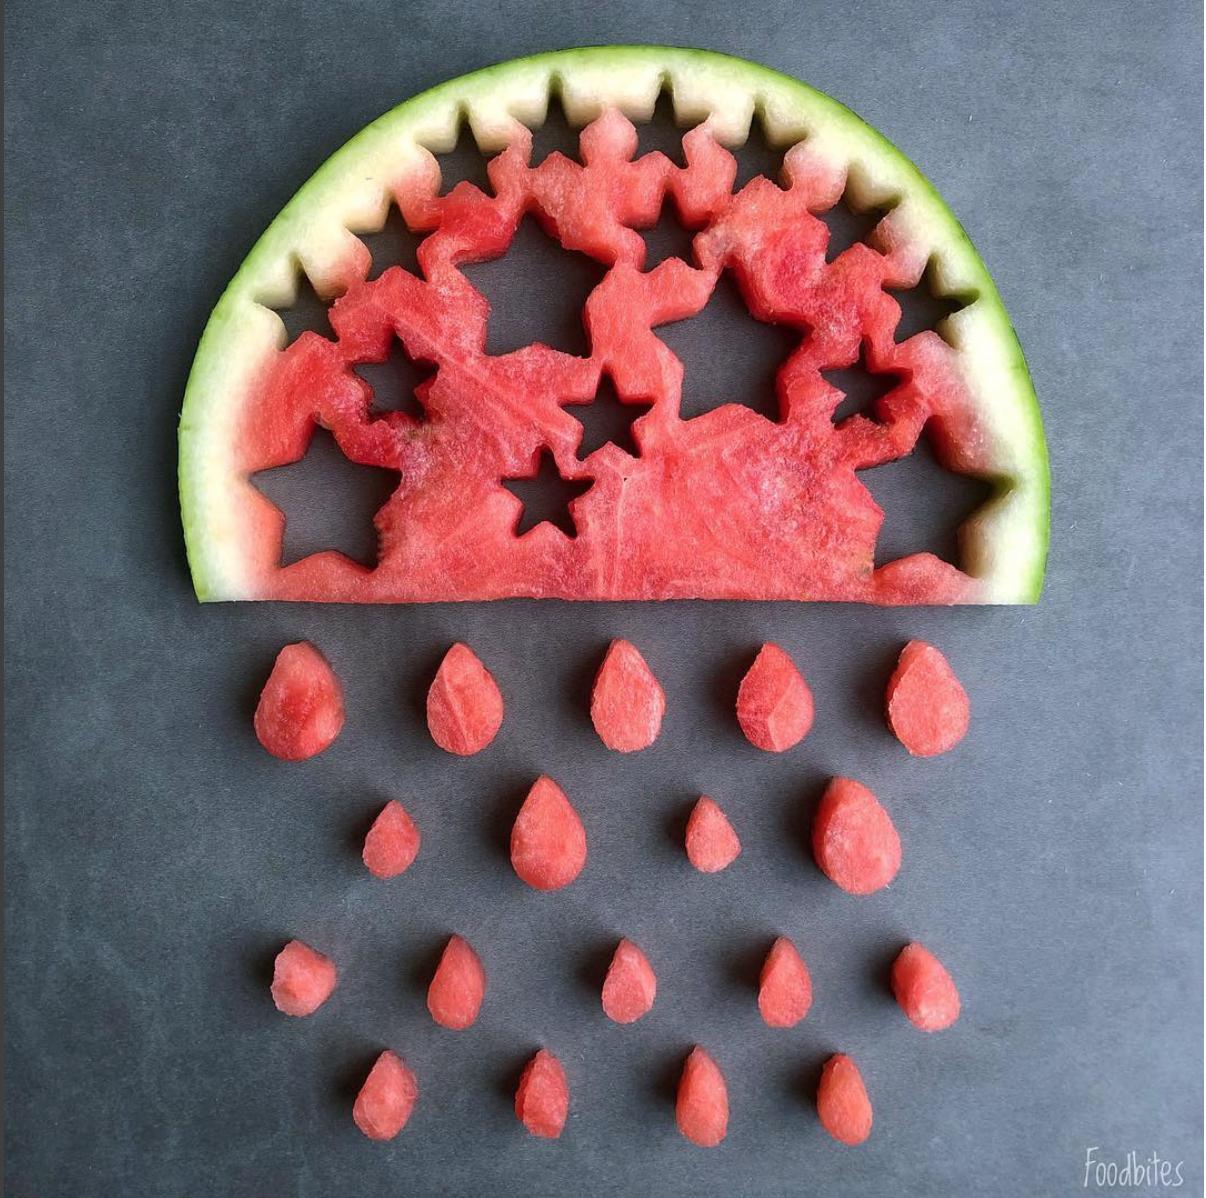 Foodbites vattenmelon skuren som ett moln det regnar ifrån